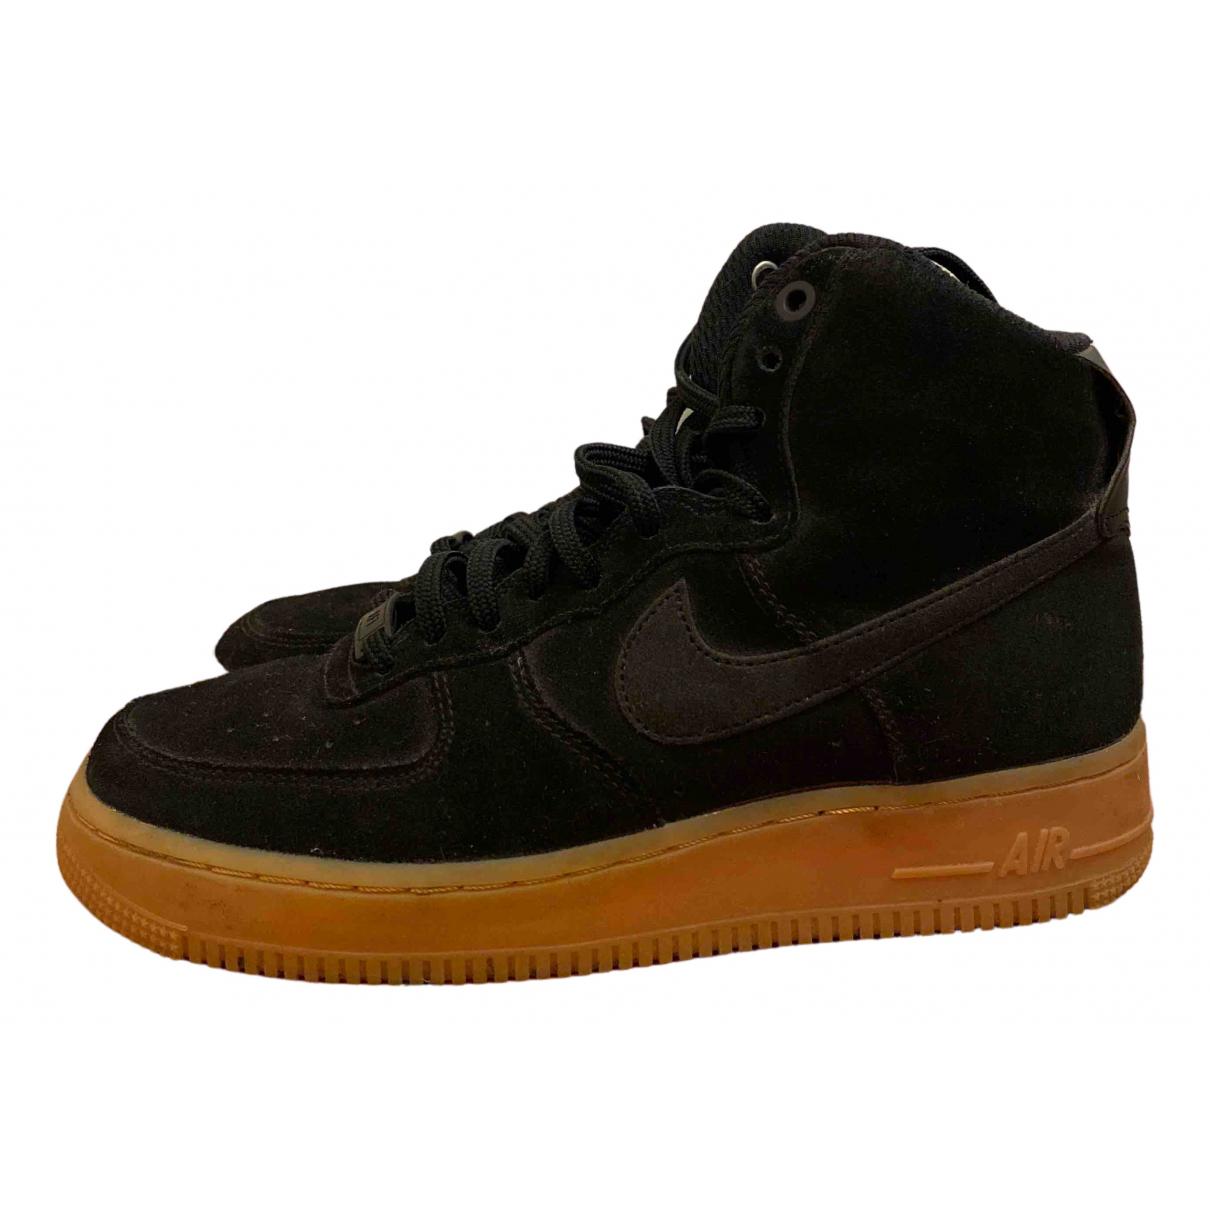 Nike Air Force 1 Sneakers in  Schwarz Veloursleder